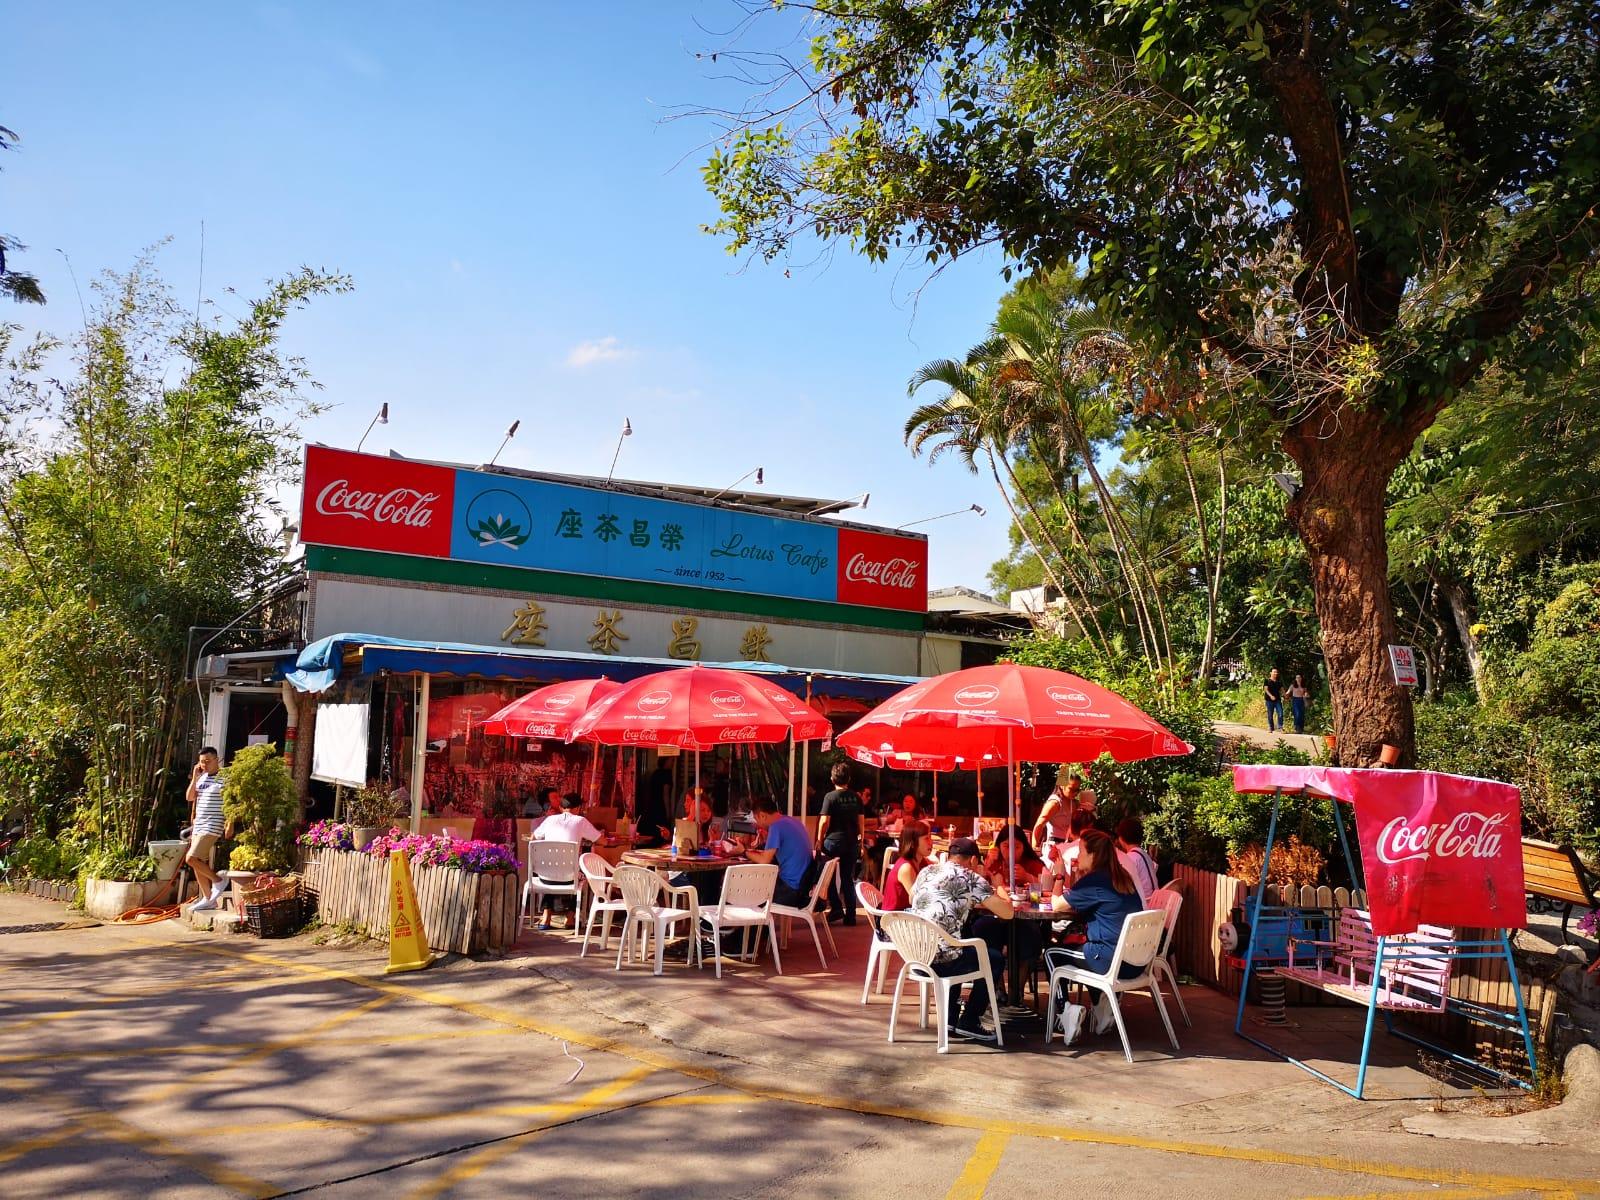 位於蓮塘尾村的榮昌茶座懷疑遭賊人爆竊。